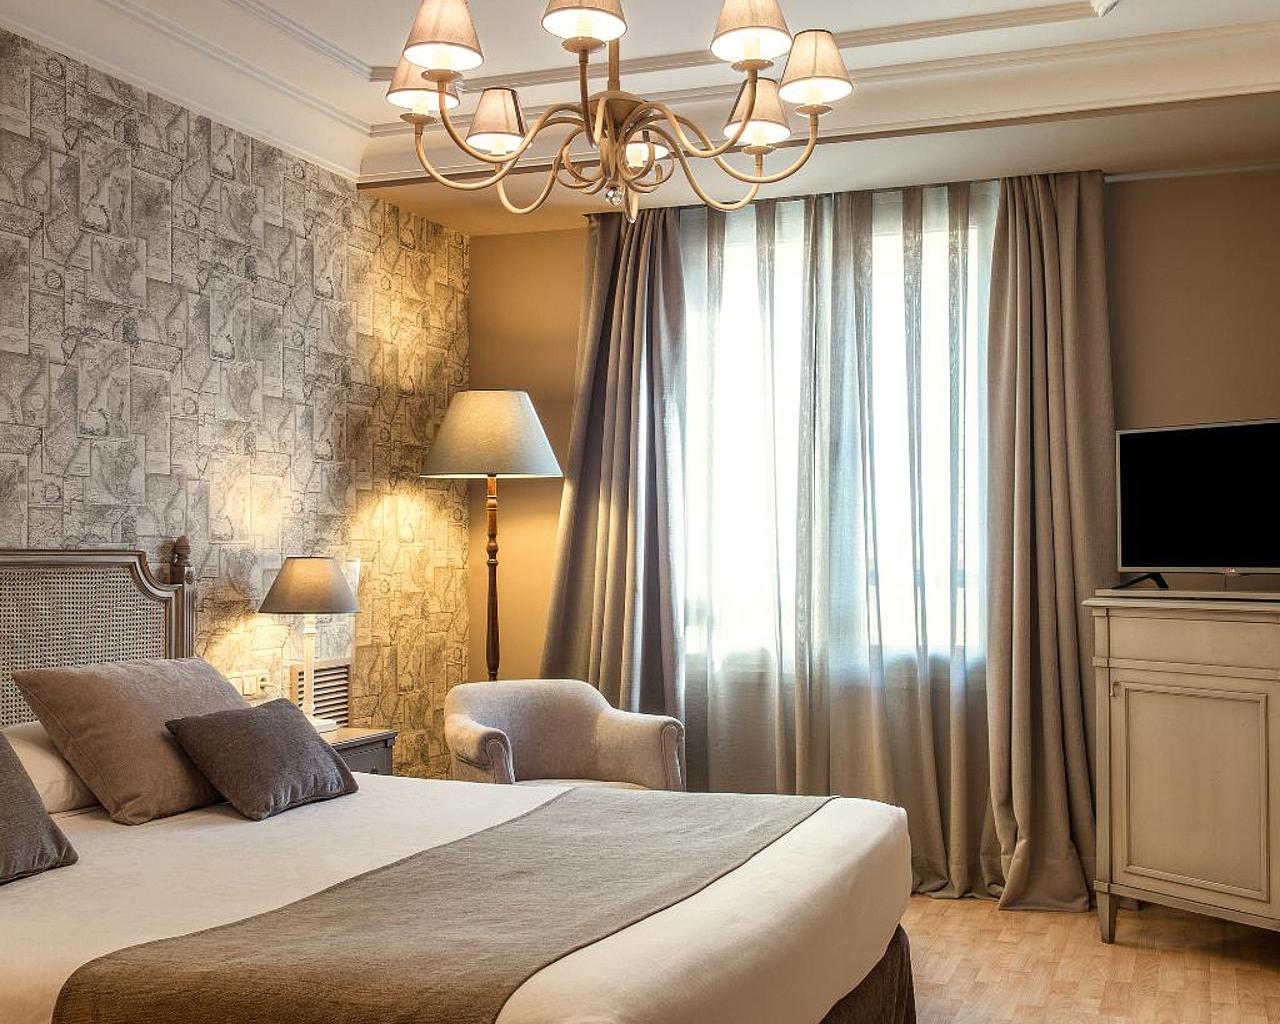 voyage valence espagne voyages my europa. Black Bedroom Furniture Sets. Home Design Ideas